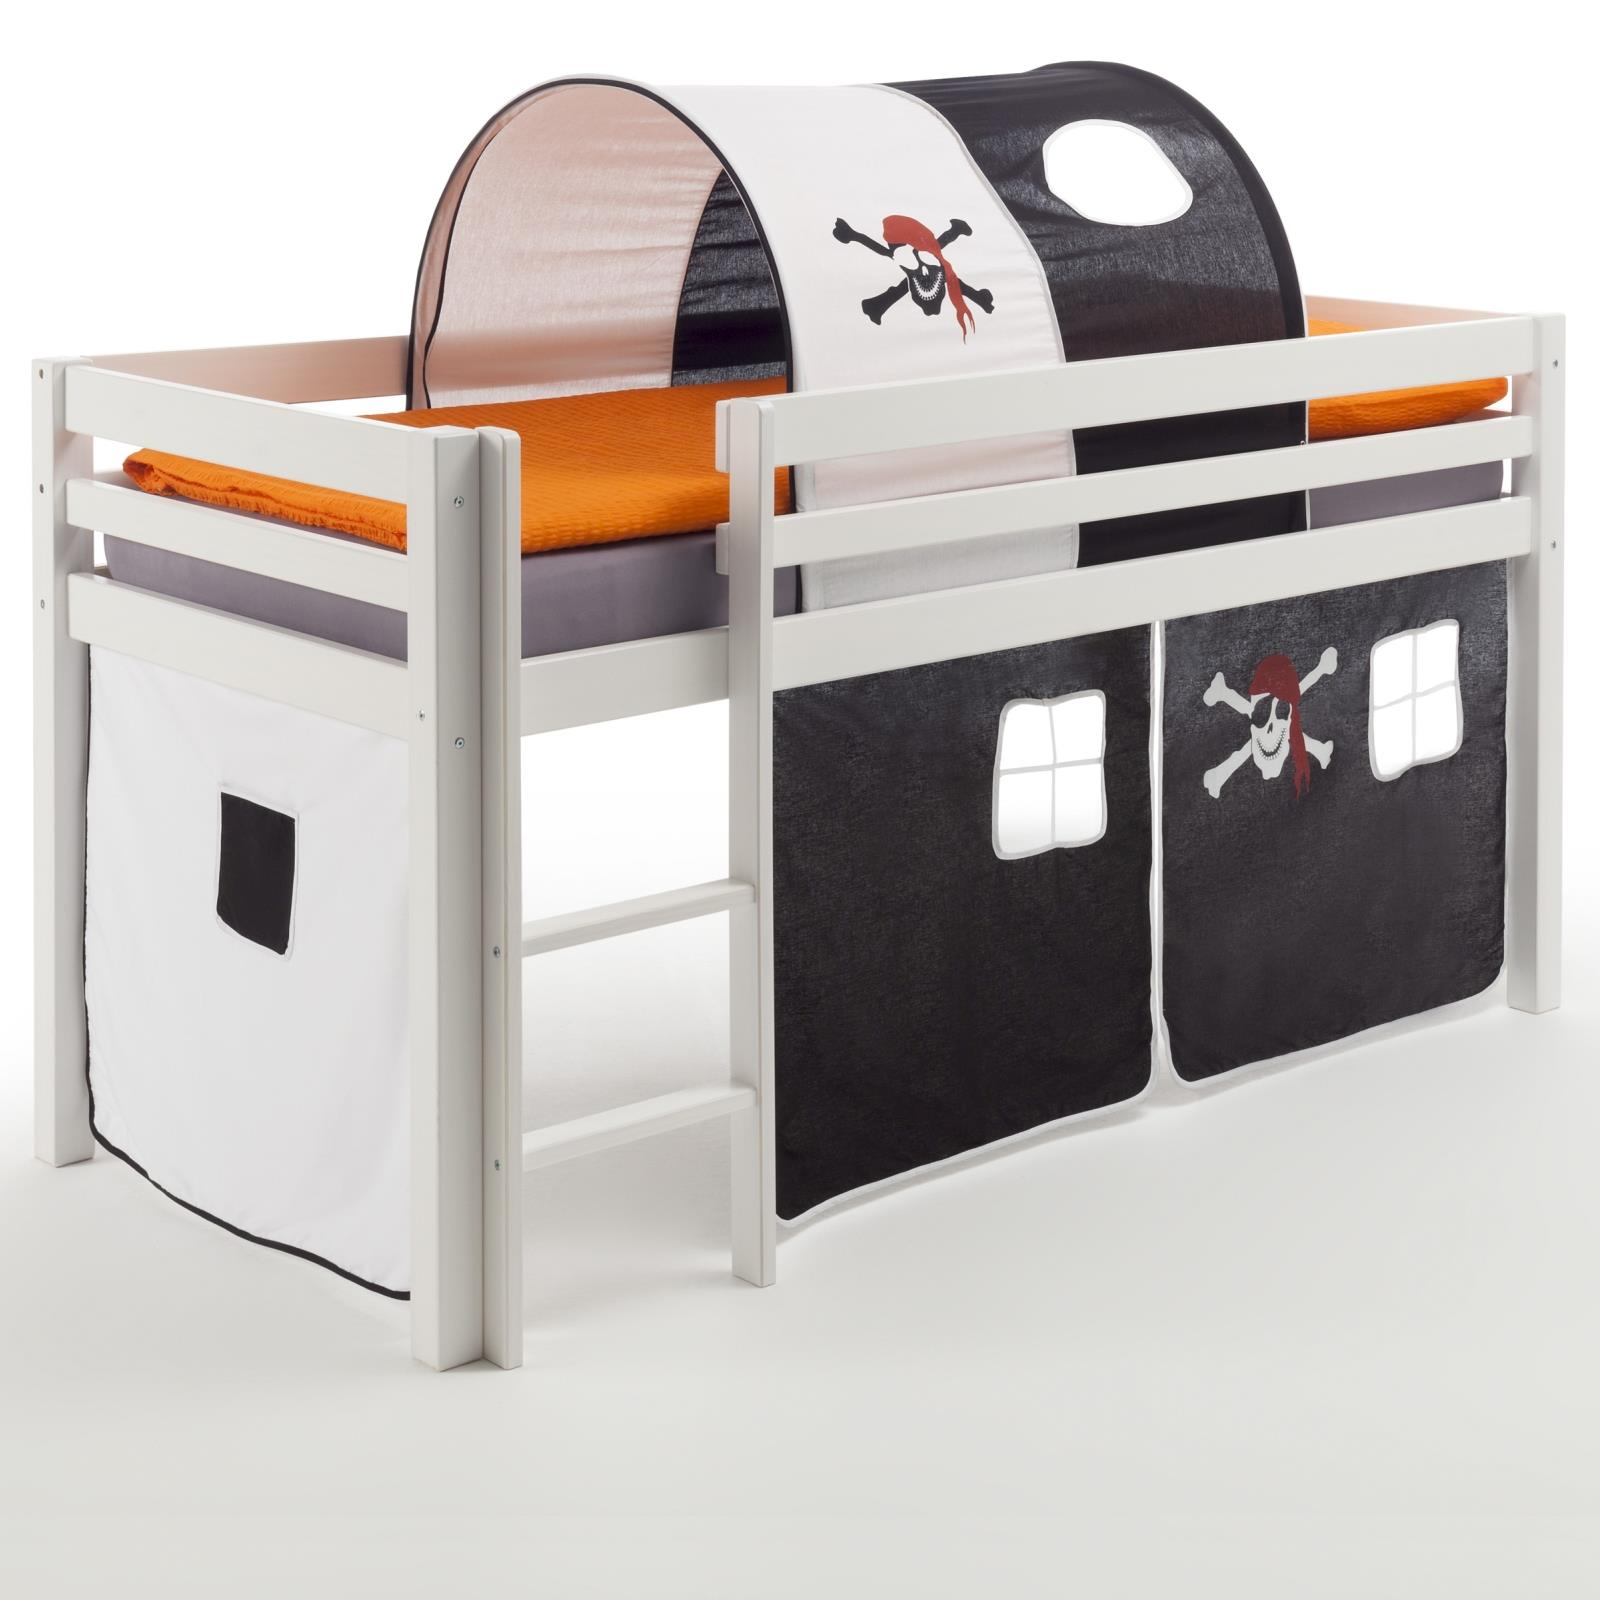 wunderbar tunnel f r hochbett bilder erindzain. Black Bedroom Furniture Sets. Home Design Ideas